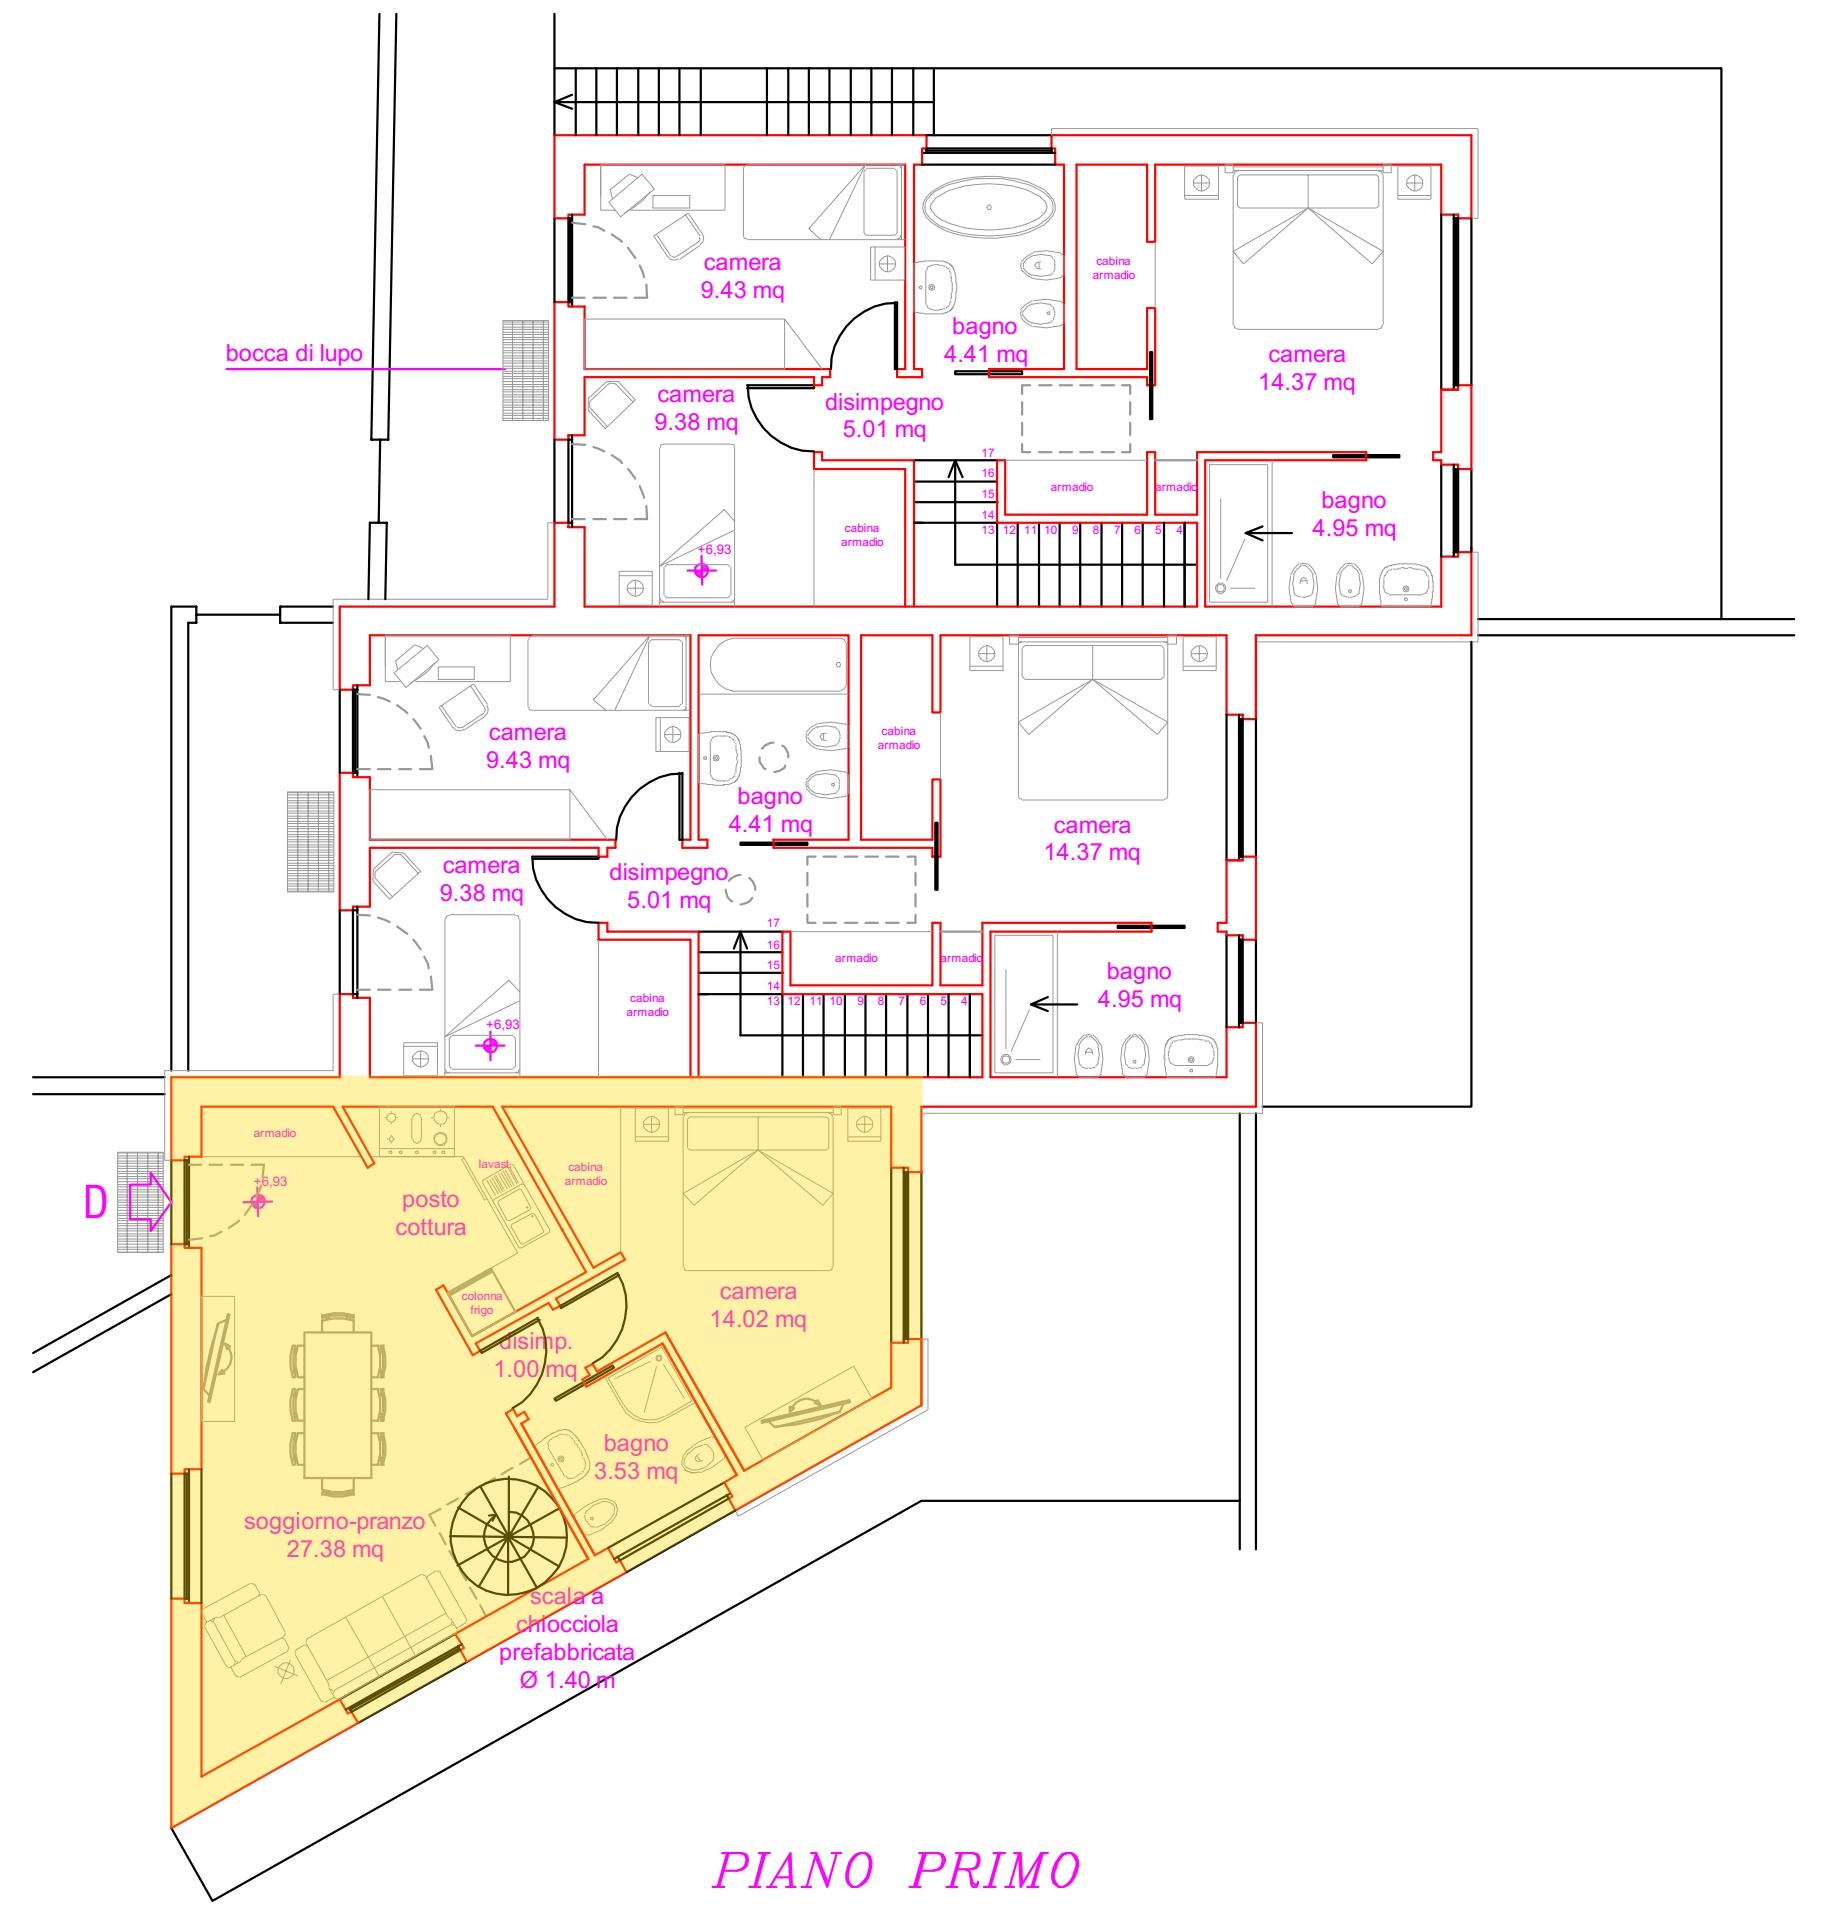 Appartamento in vendita, rif. 02007/1 (Planimetria 1/3)